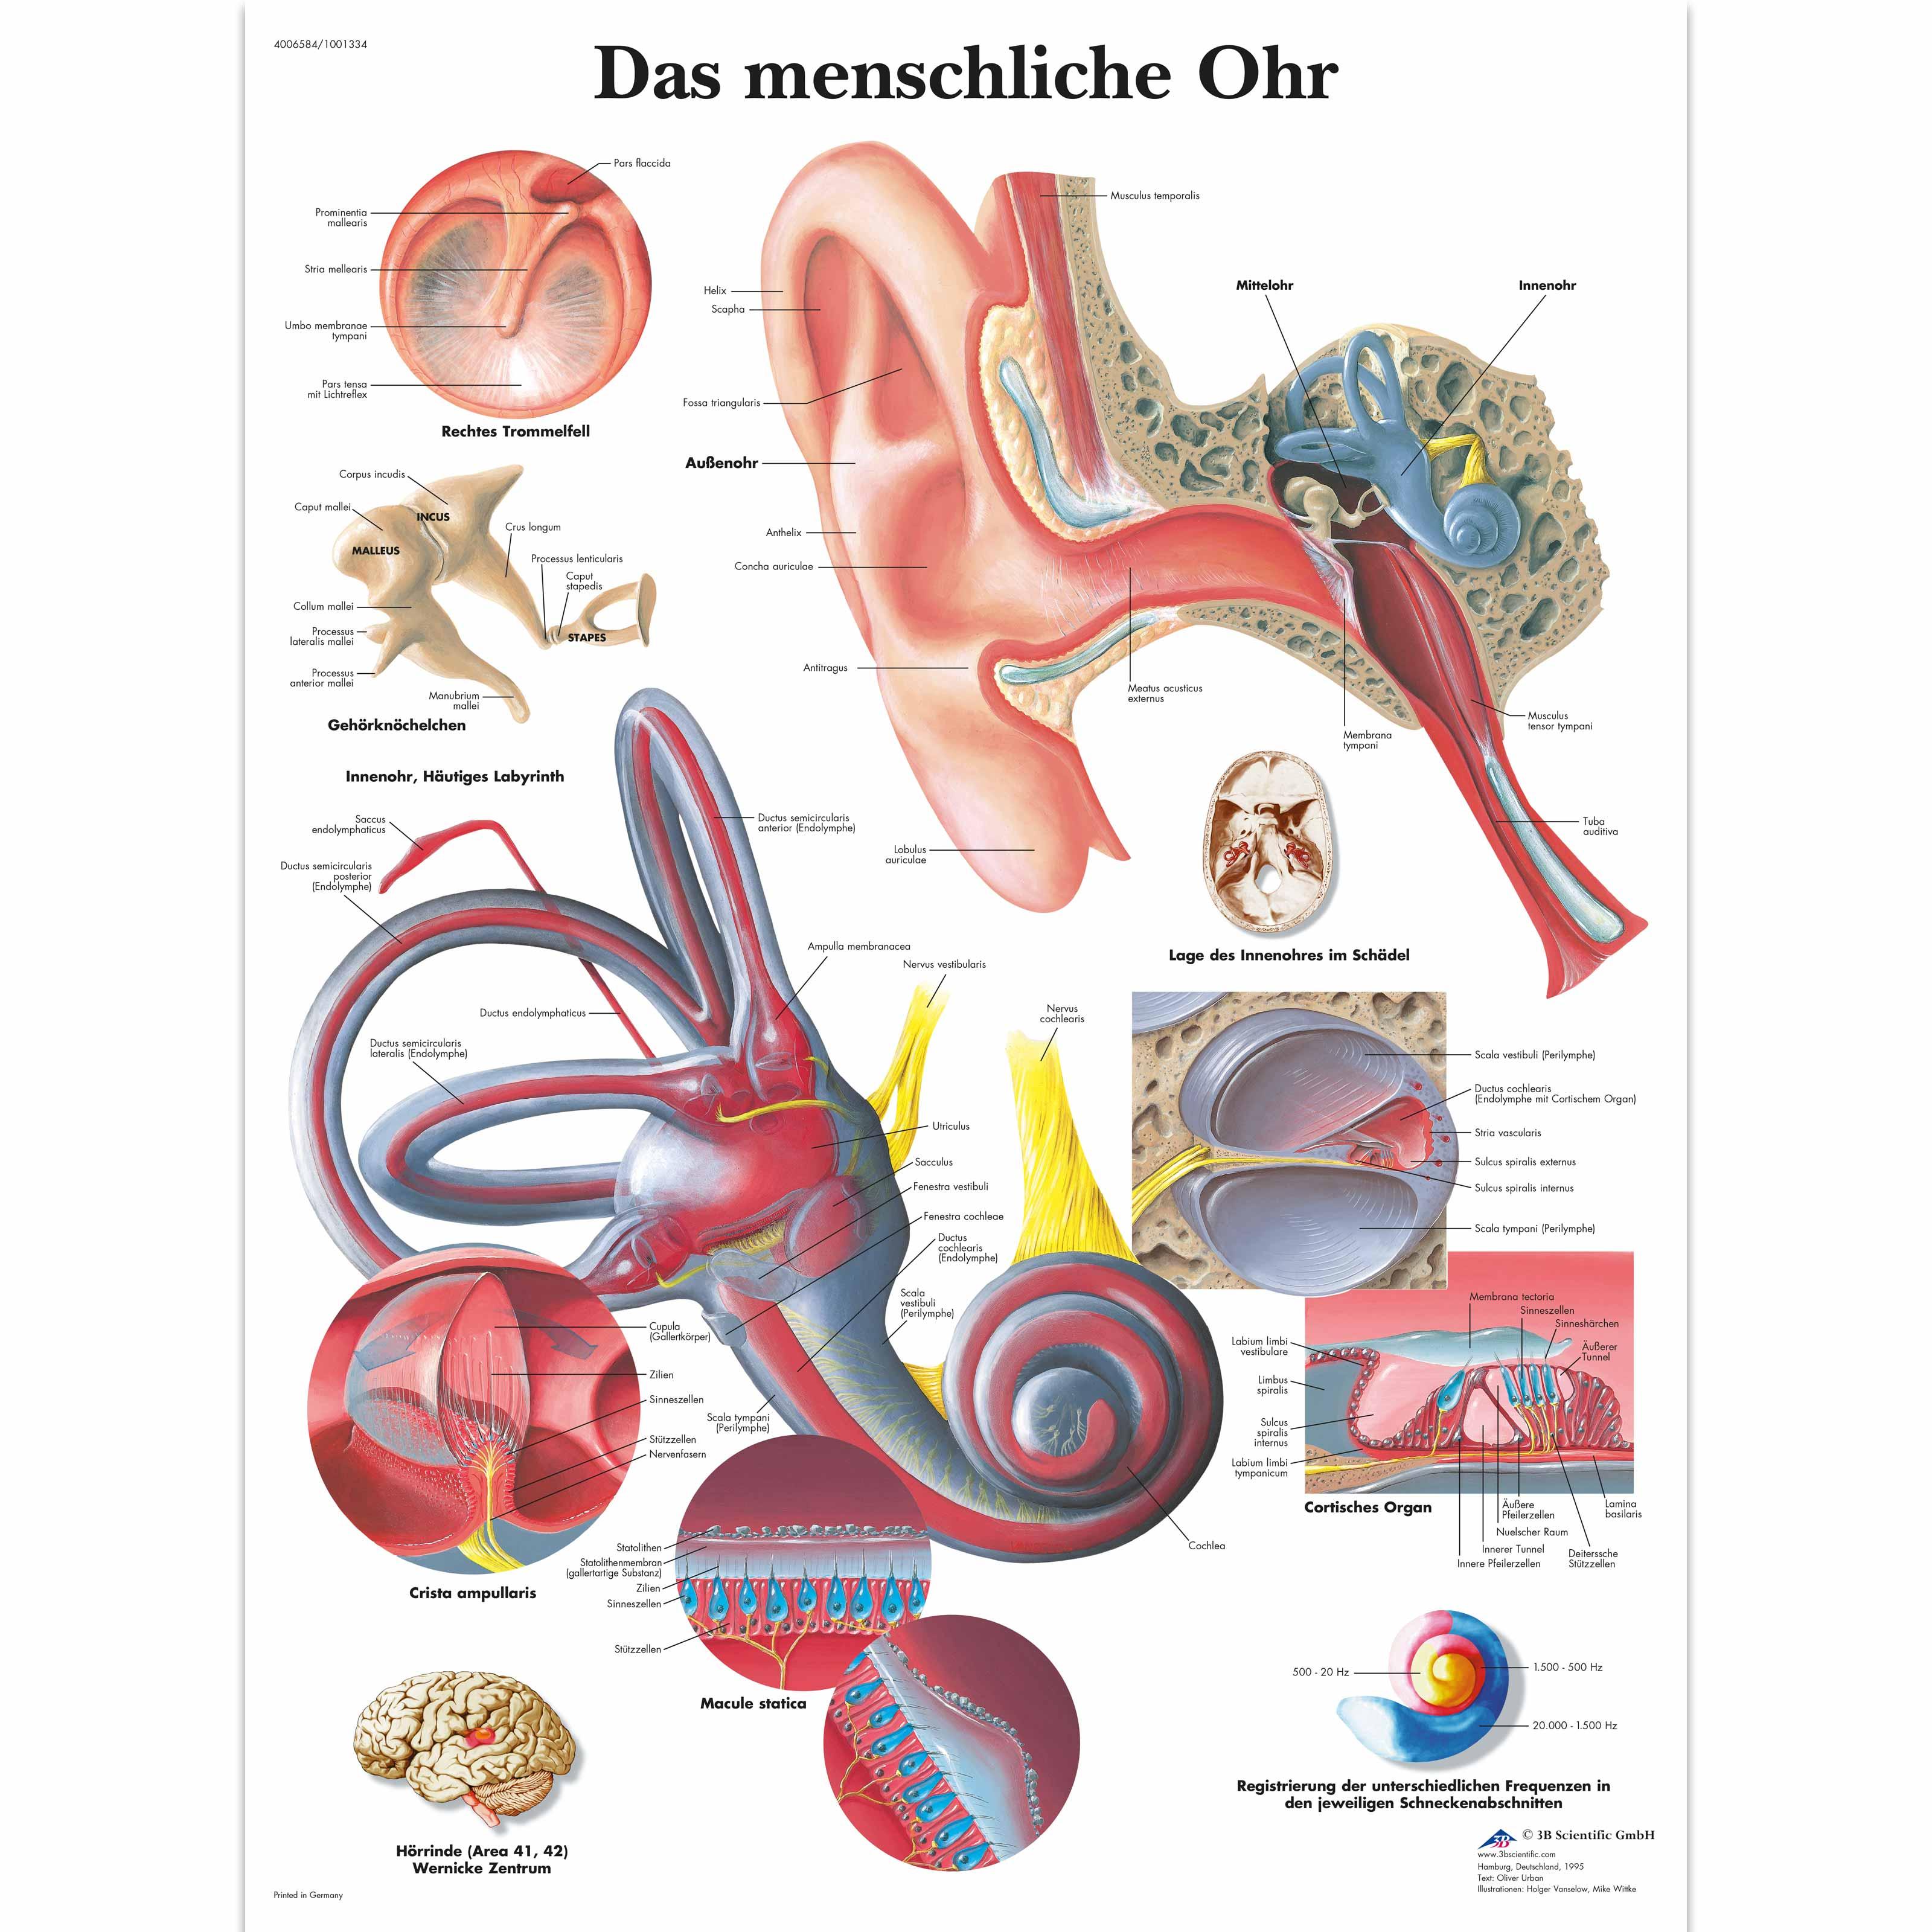 Gemütlich Anatomie Der Hno Zeitgenössisch - Menschliche Anatomie ...